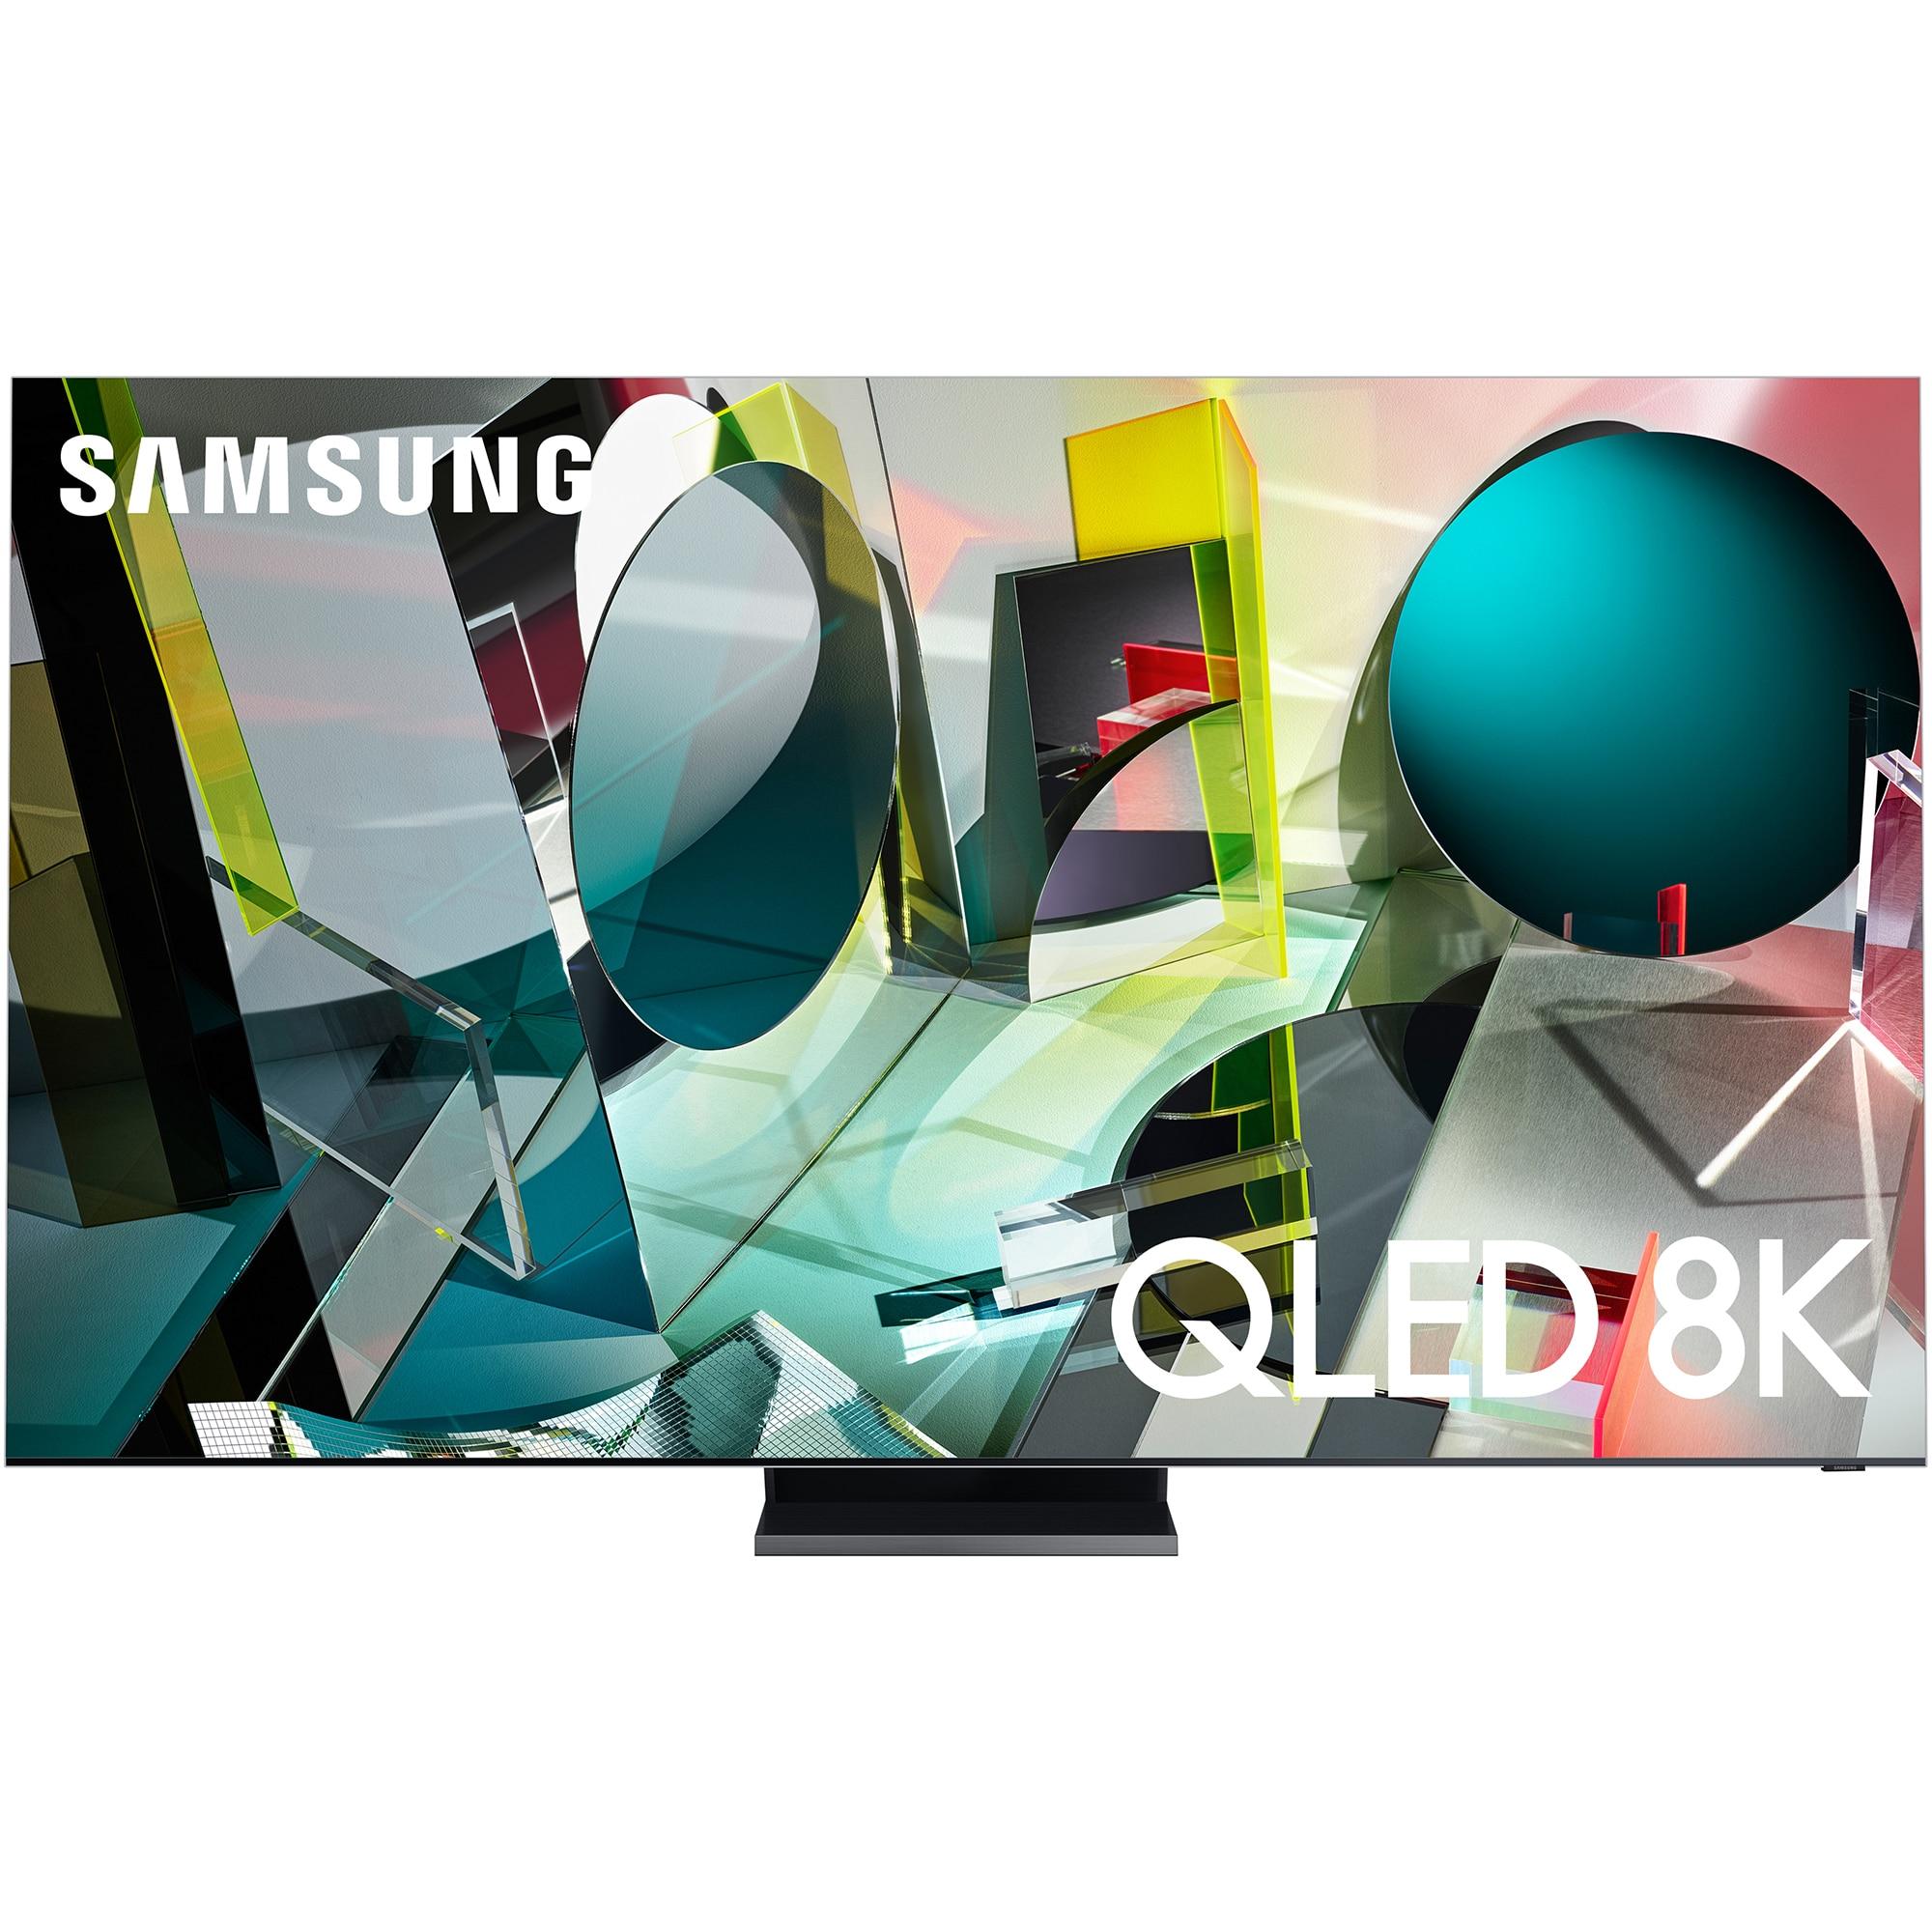 Fotografie Televizor Samsung 65Q950T, 163 cm, Smart, 8K Ultra HD, QLED, Clasa D